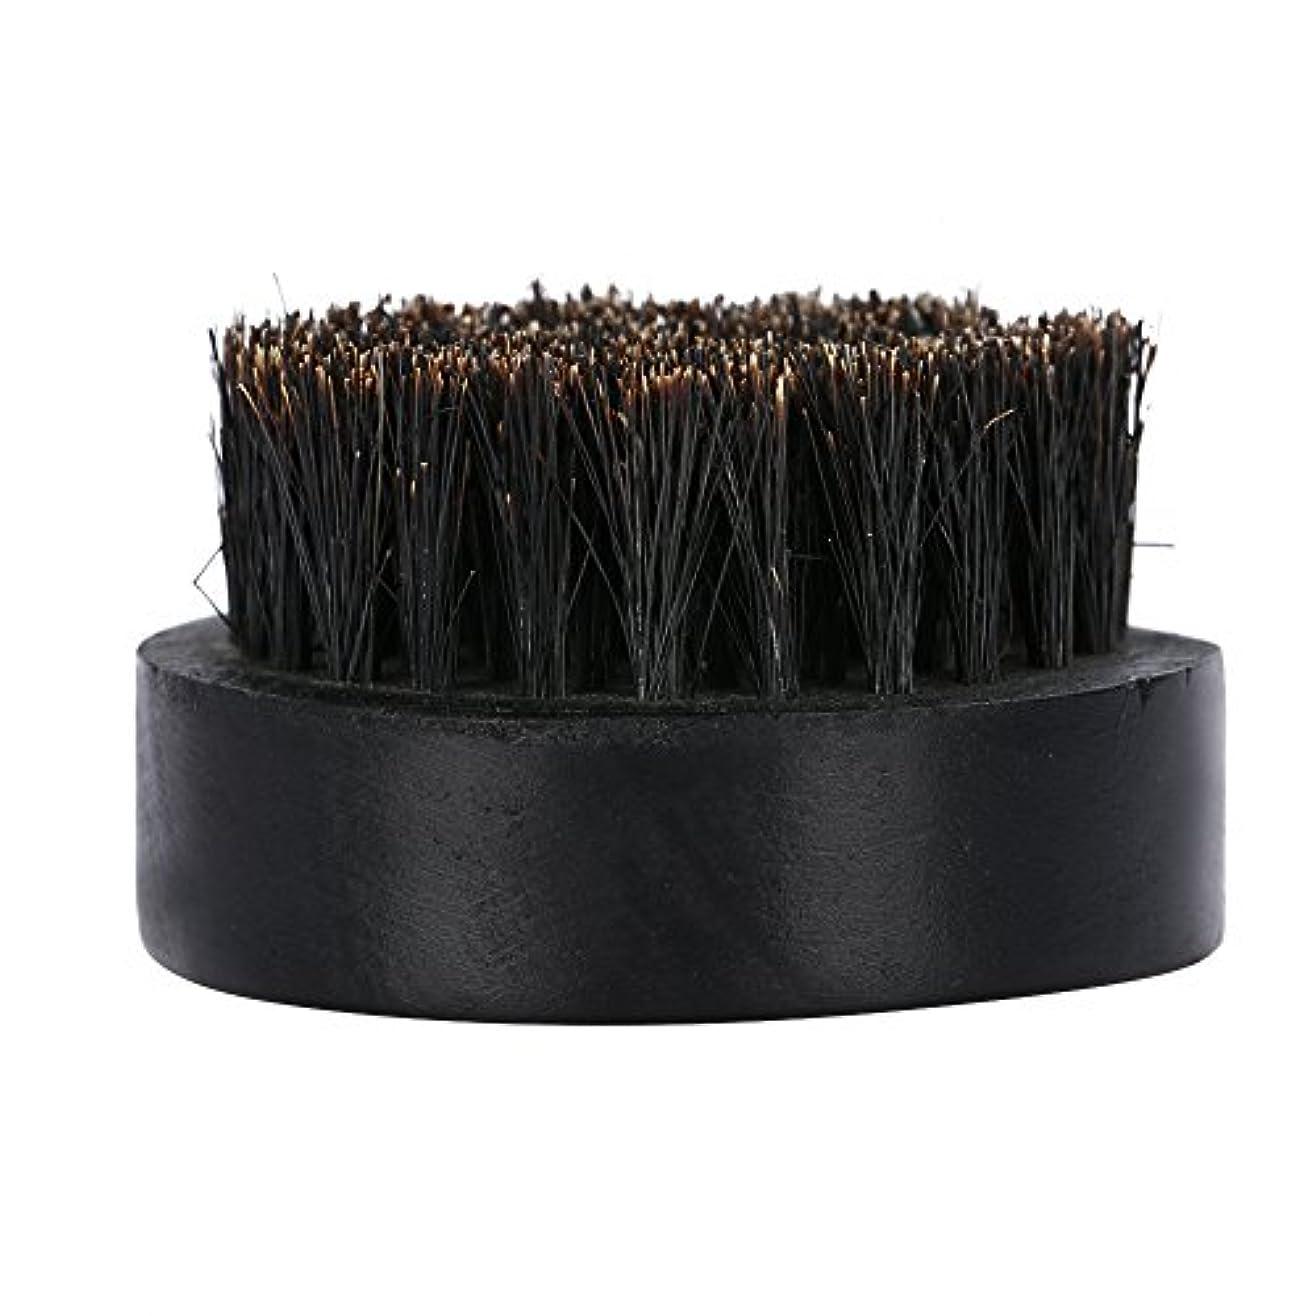 開業医フィヨルド兵士Qinlorgo シェービングブラシ フェイシャルケア コンディショニング ヘアブラシ スタイリンググルーミングツール ヘアブラシスタイリンググルーミングツール 髭のメンテナンスに